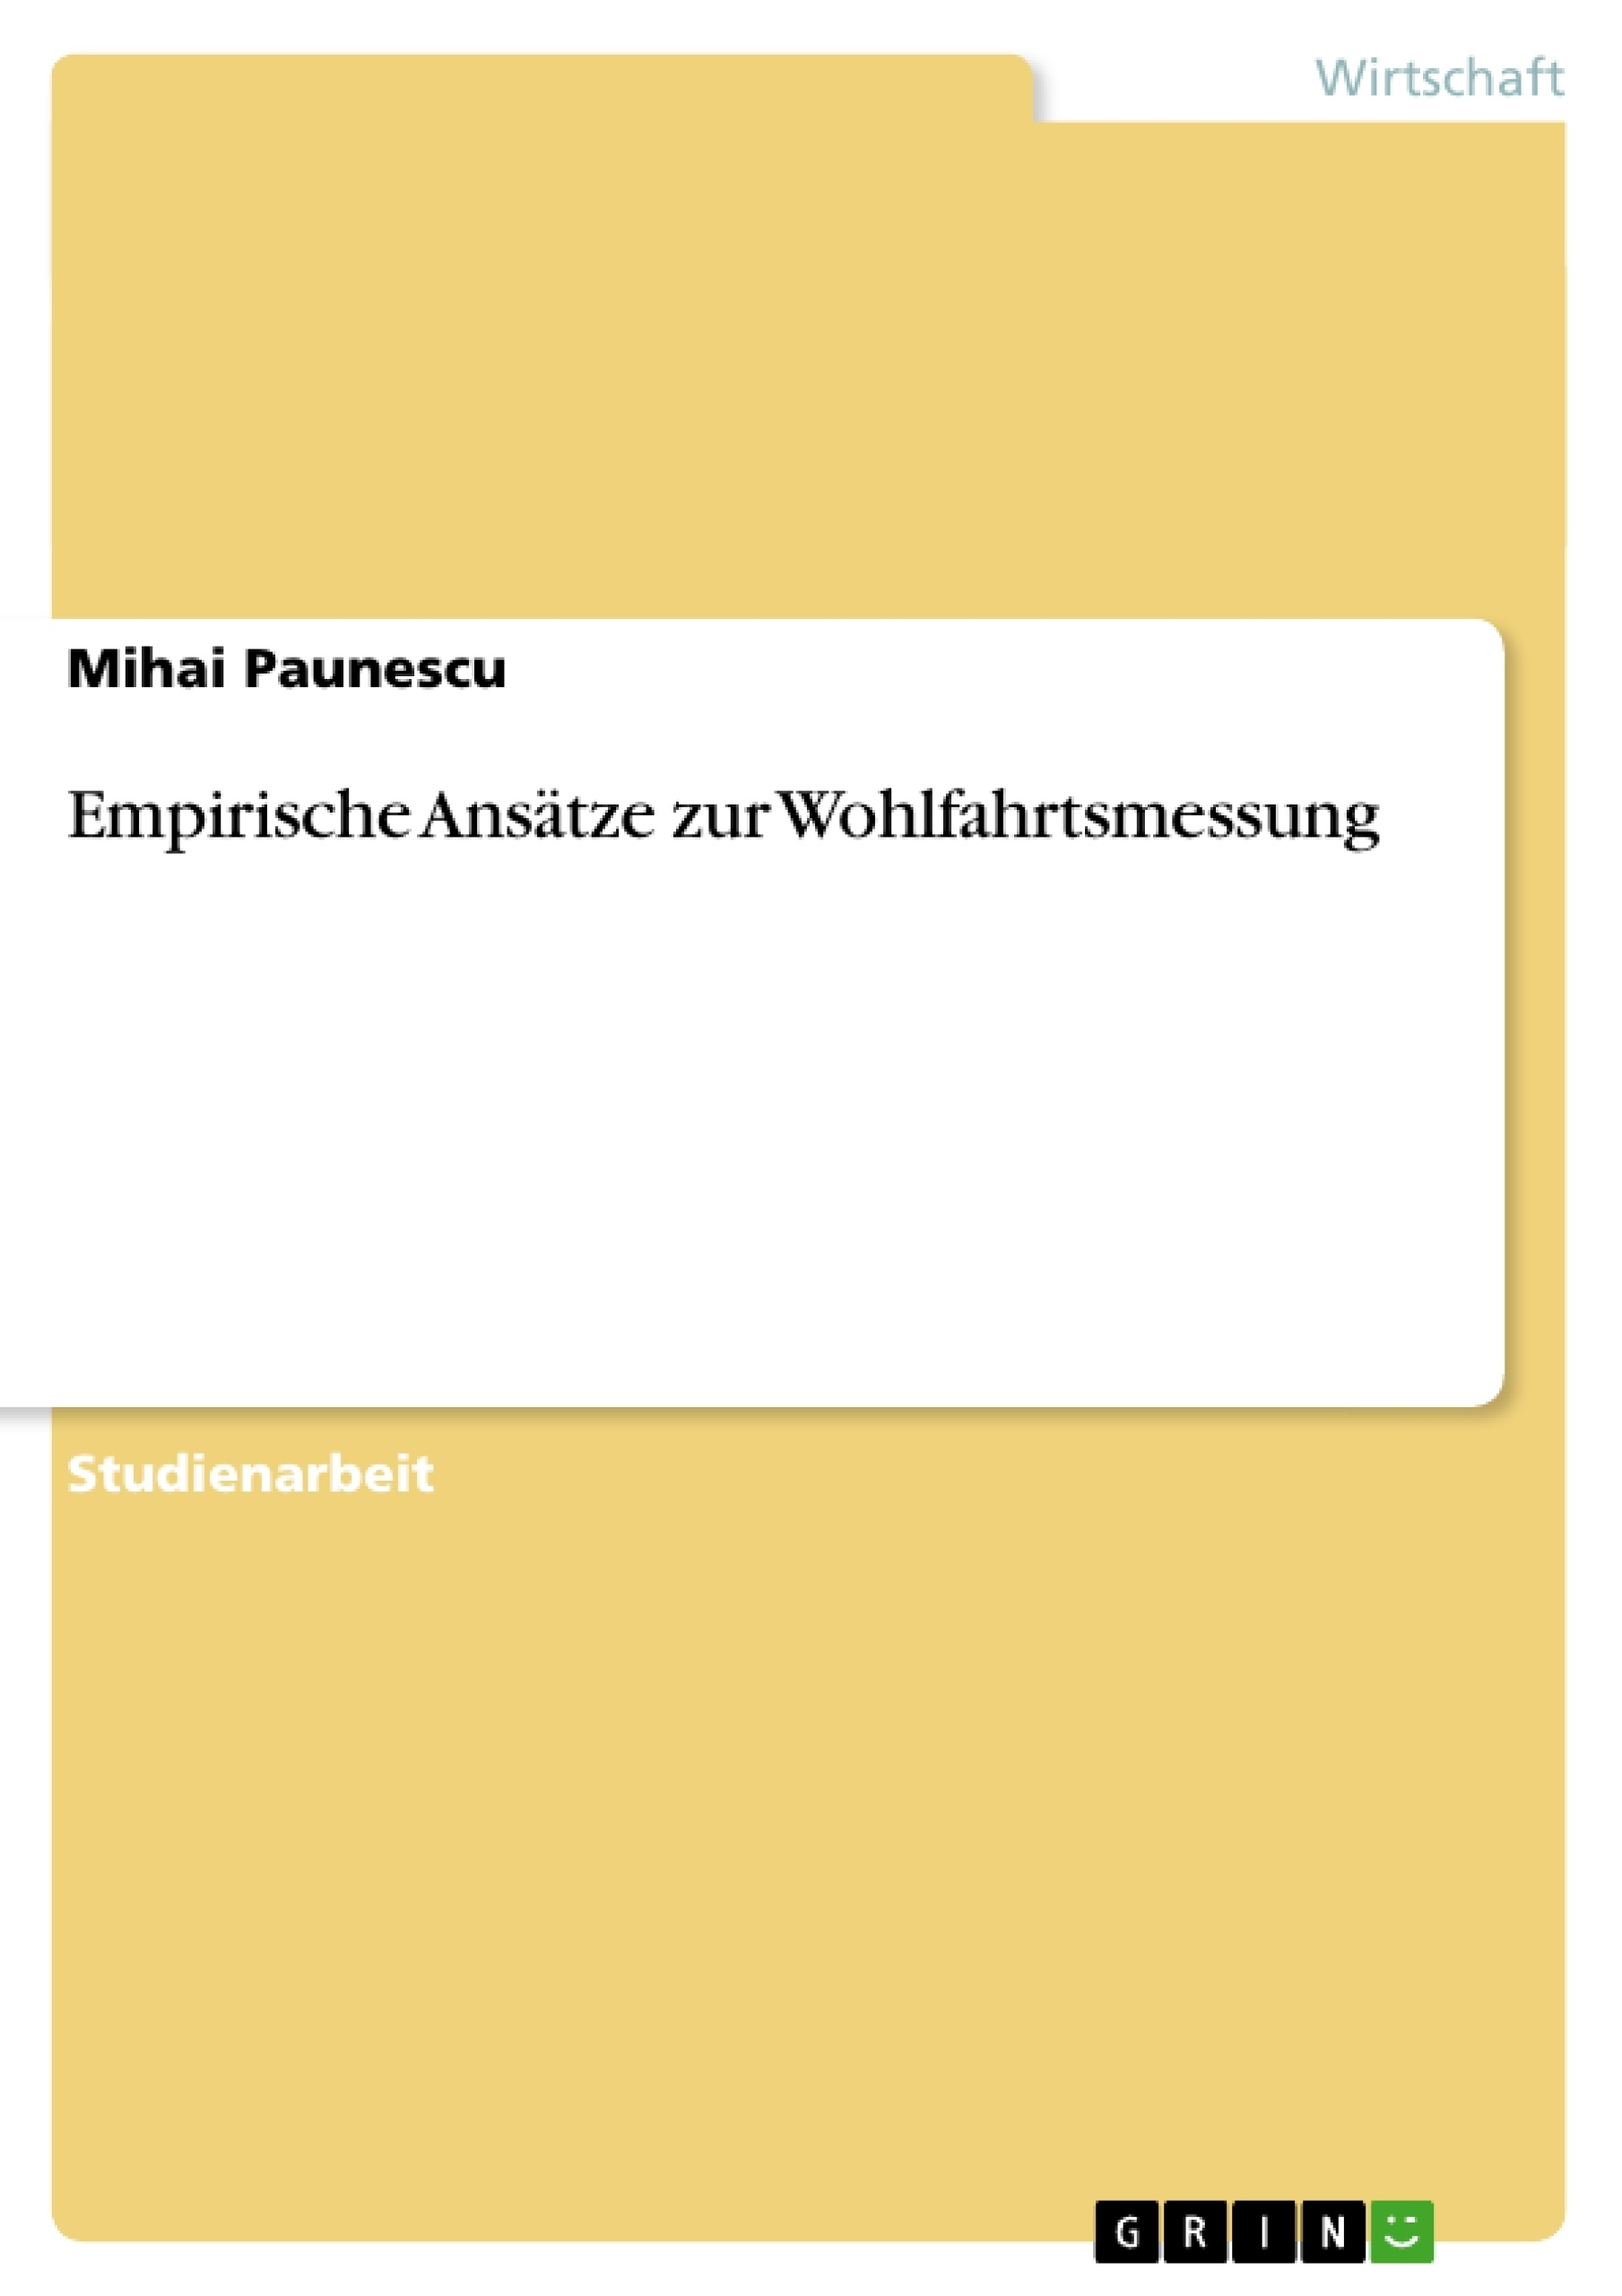 Titel: Empirische Ansätze zur Wohlfahrtsmessung